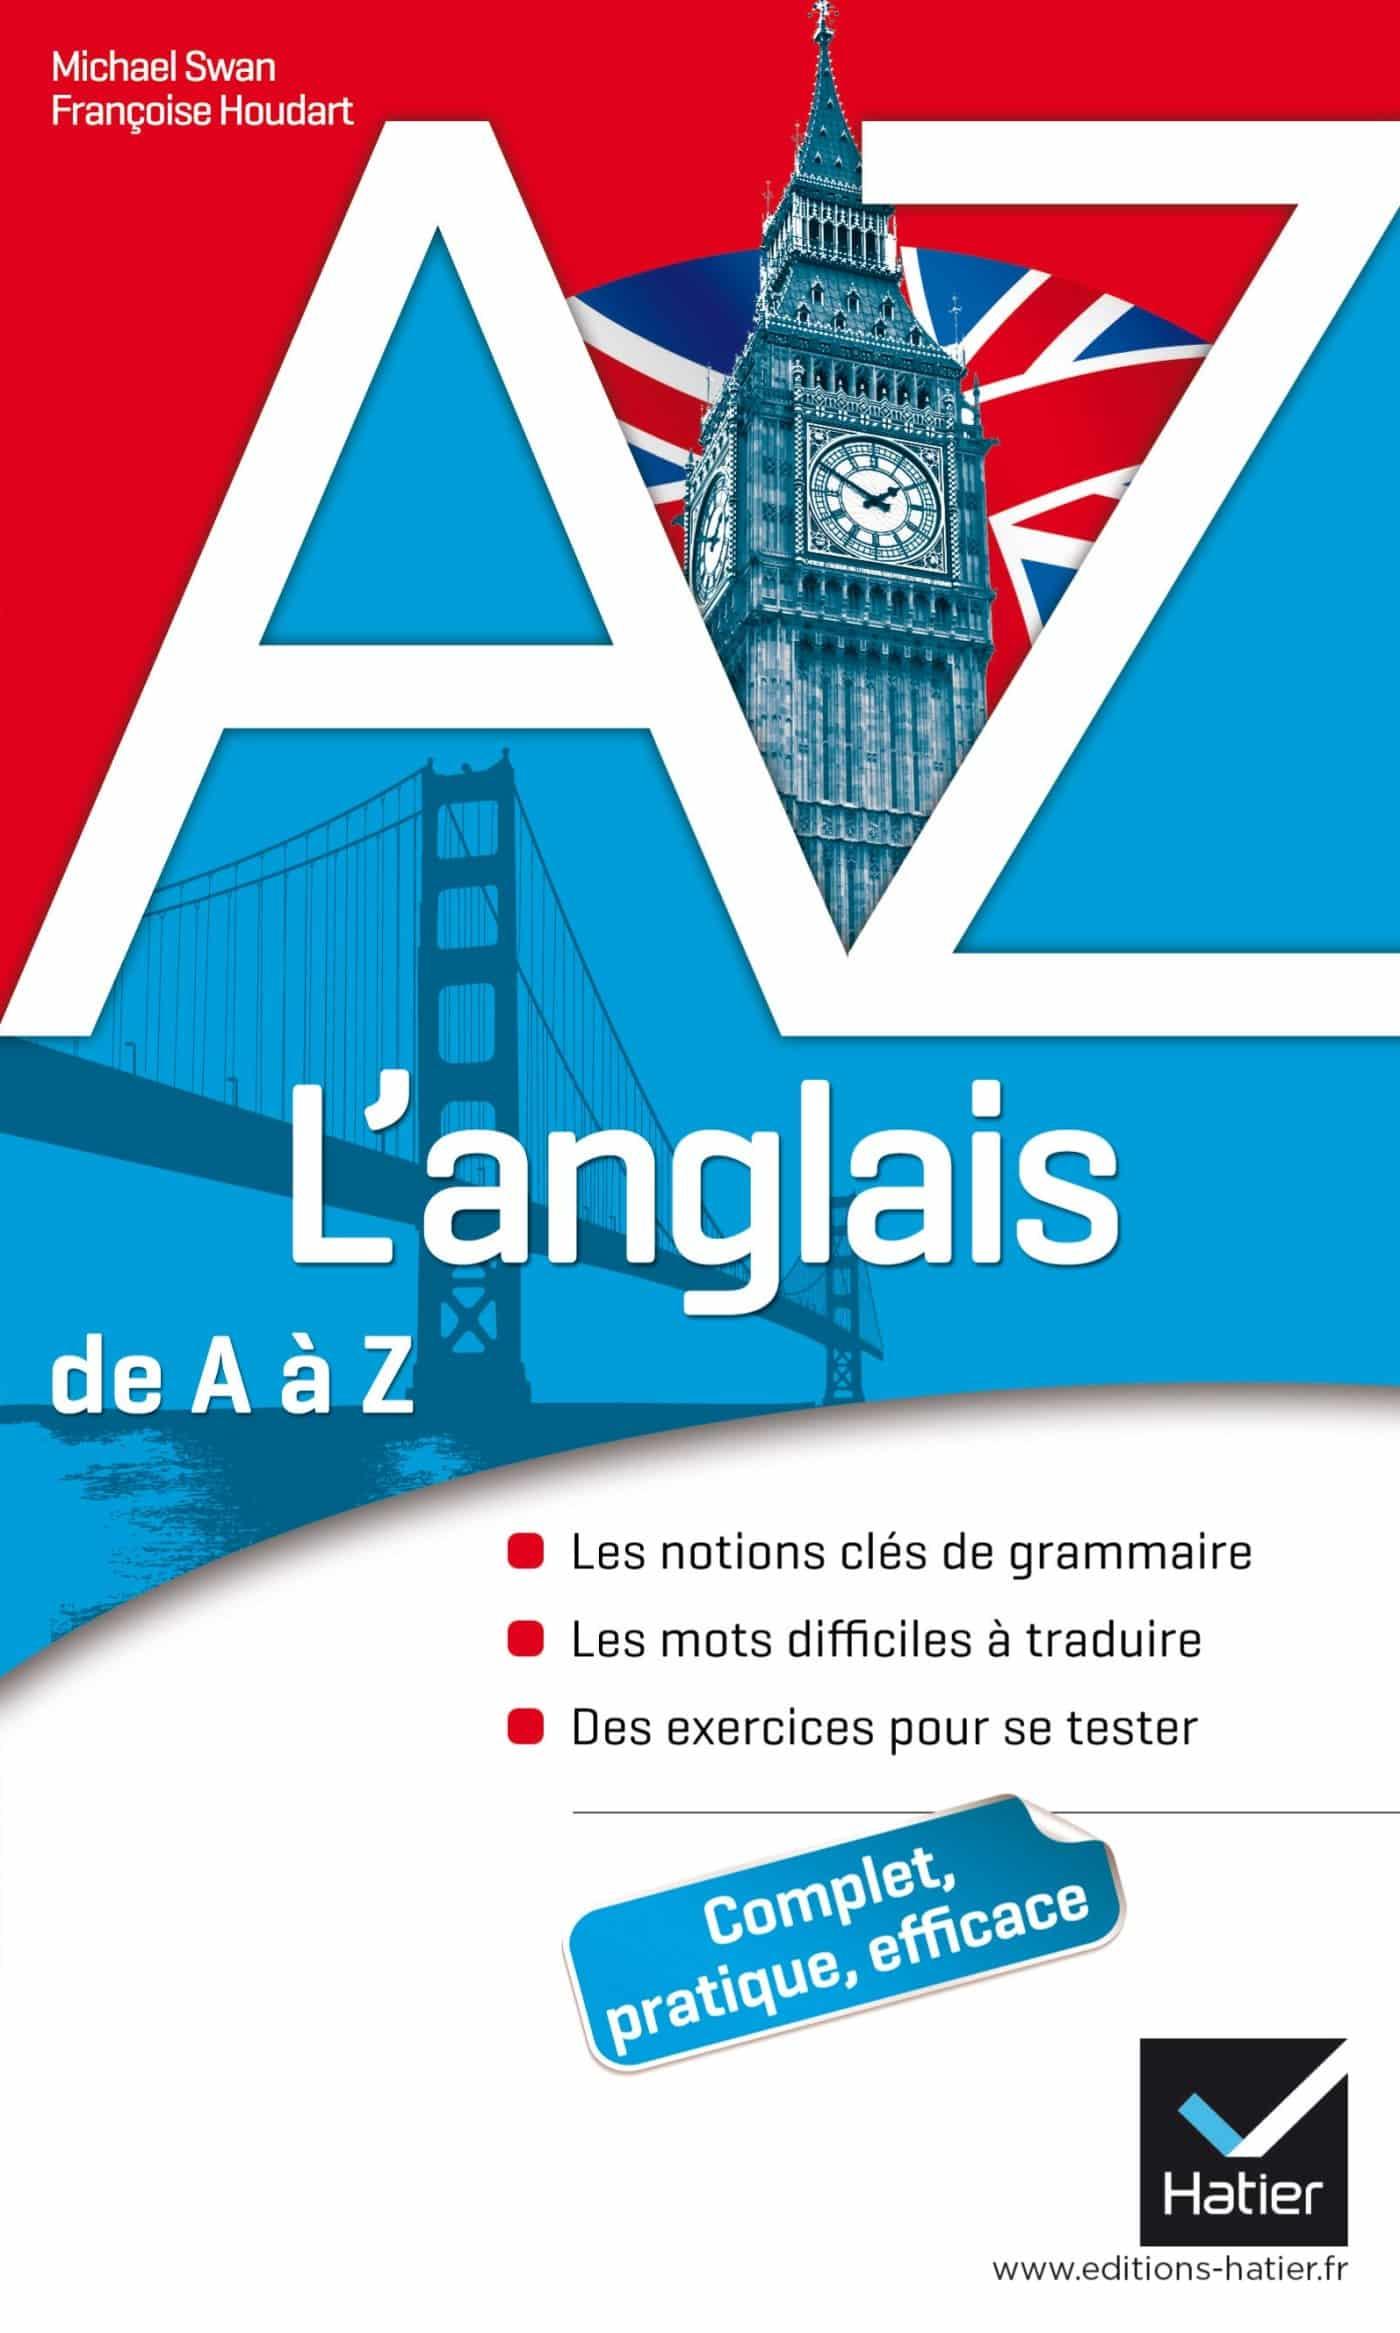 Quel Est Le Meilleur Livre Pour Apprendre L Anglais